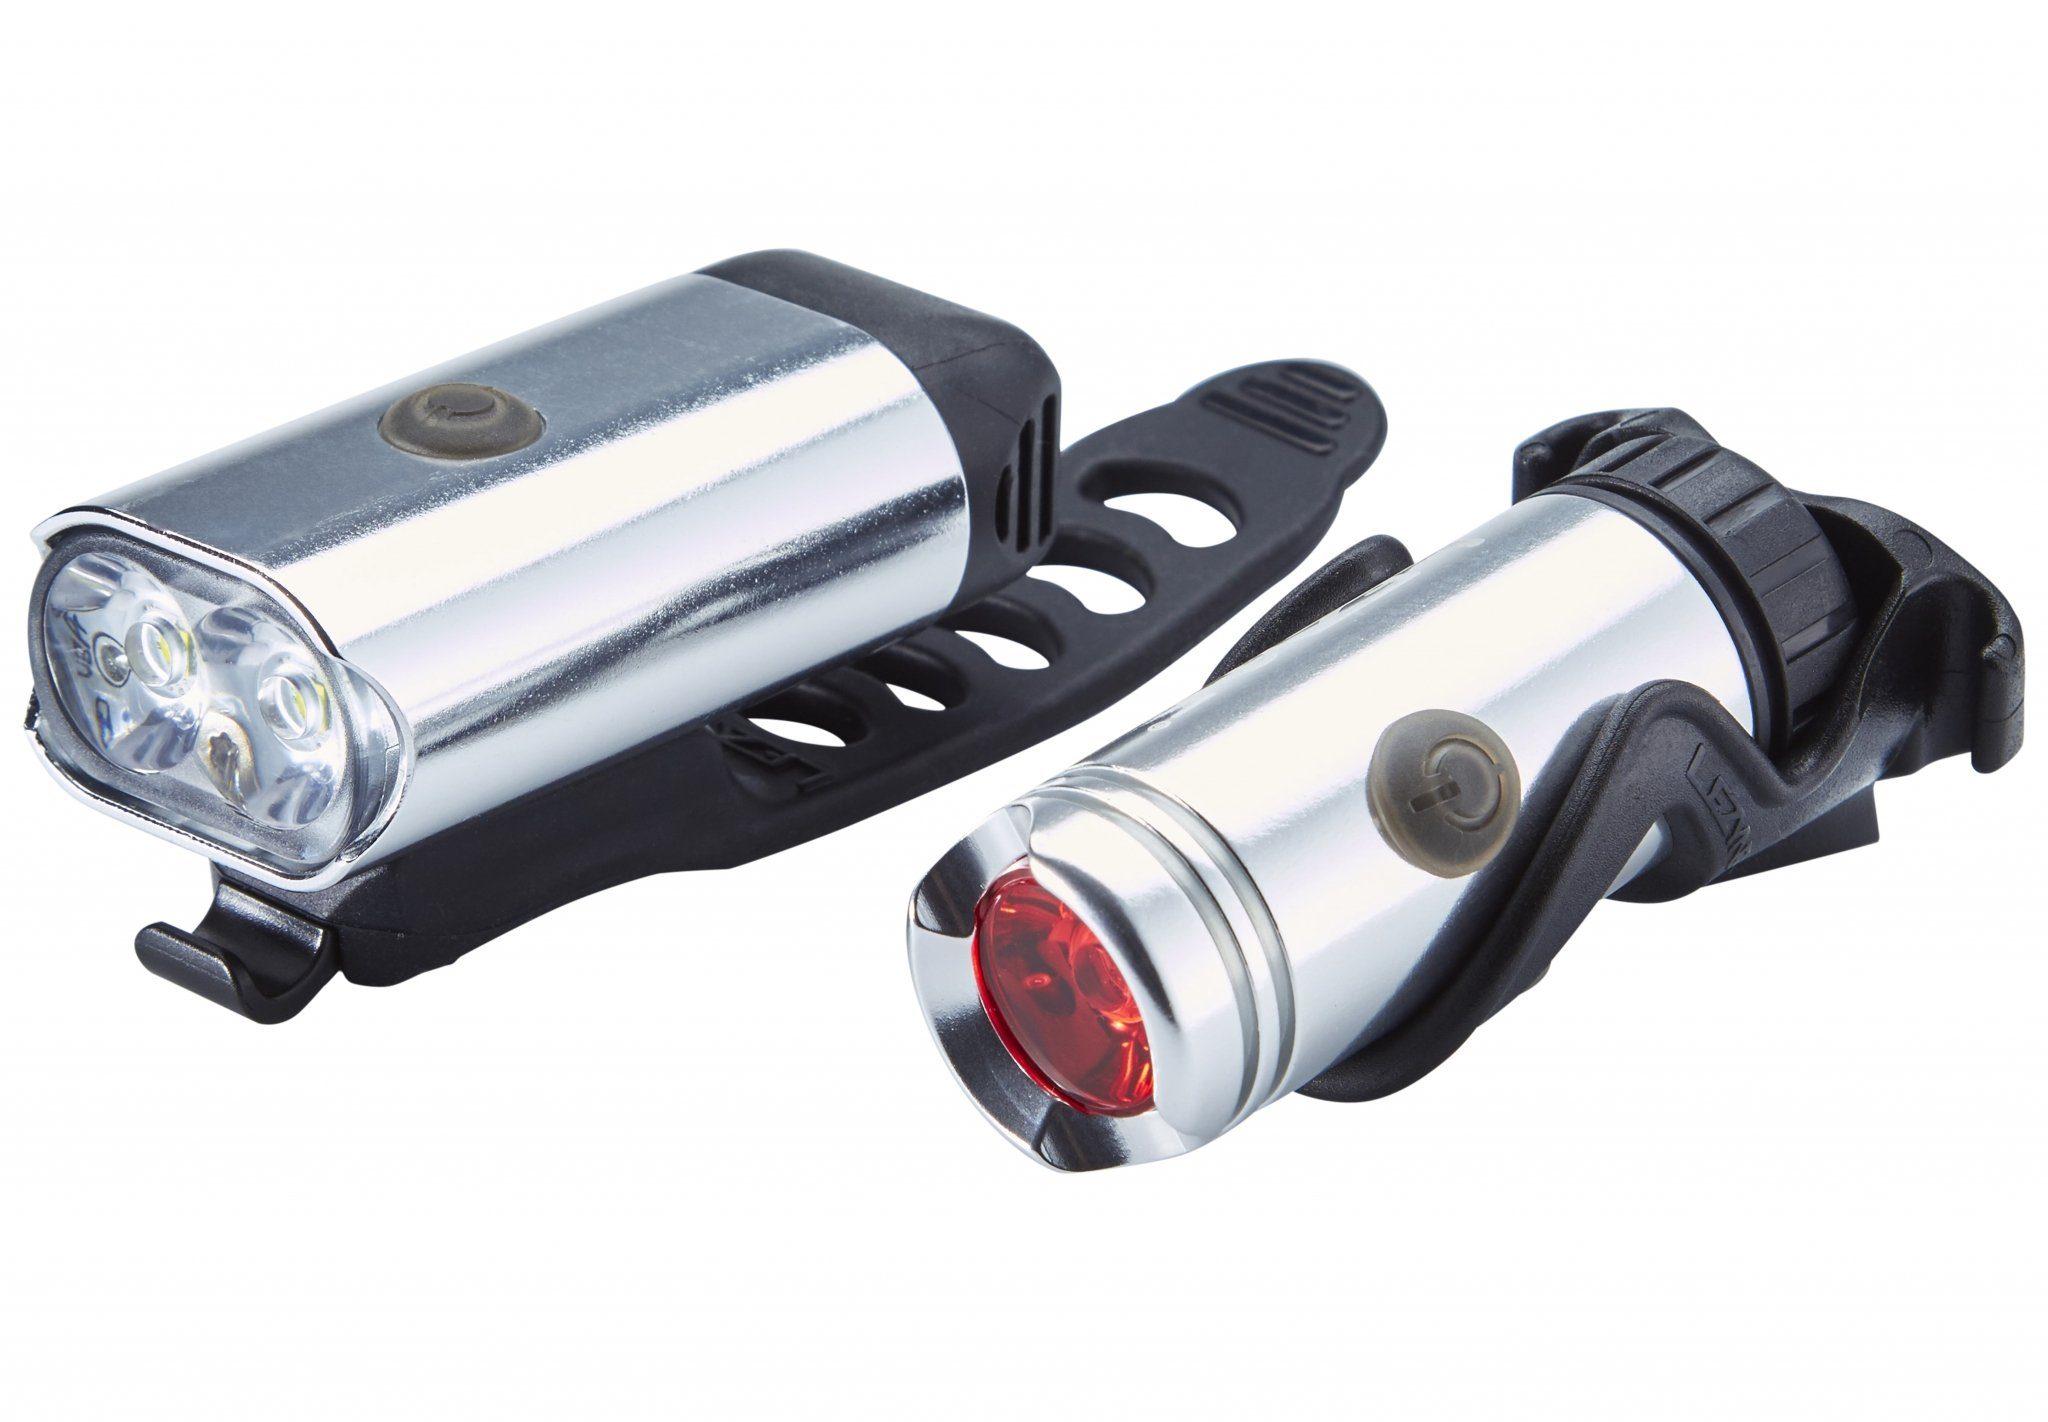 Lezyne Fahrradbeleuchtung »Micro Drive 400 XL Beleuchtungsset«